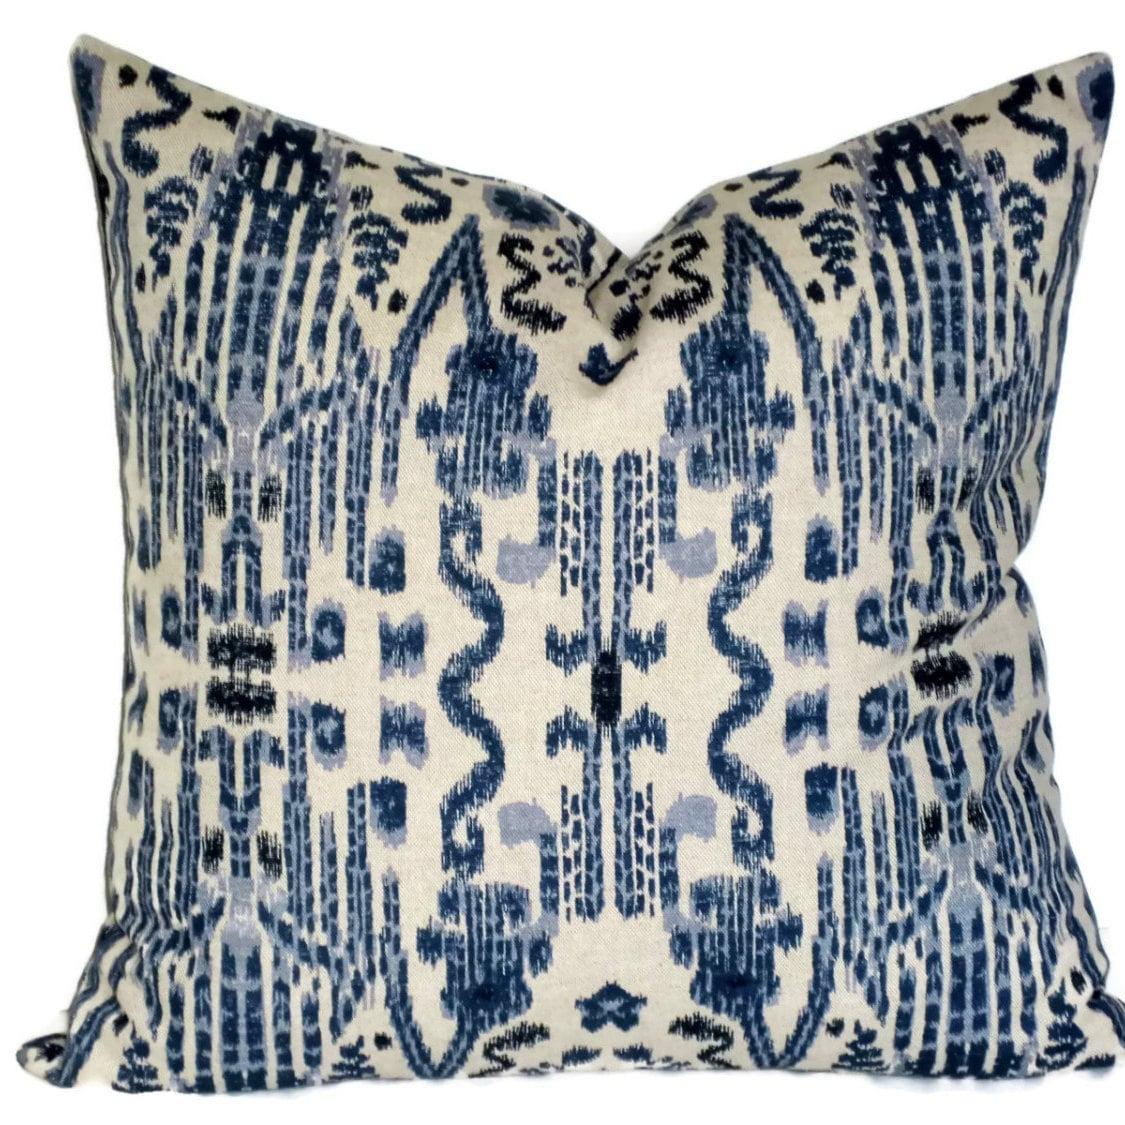 Decorative Pillows Indigo : Ikat Pillow Indigo Blue Ikat Decorative Pillow Cover 18x18